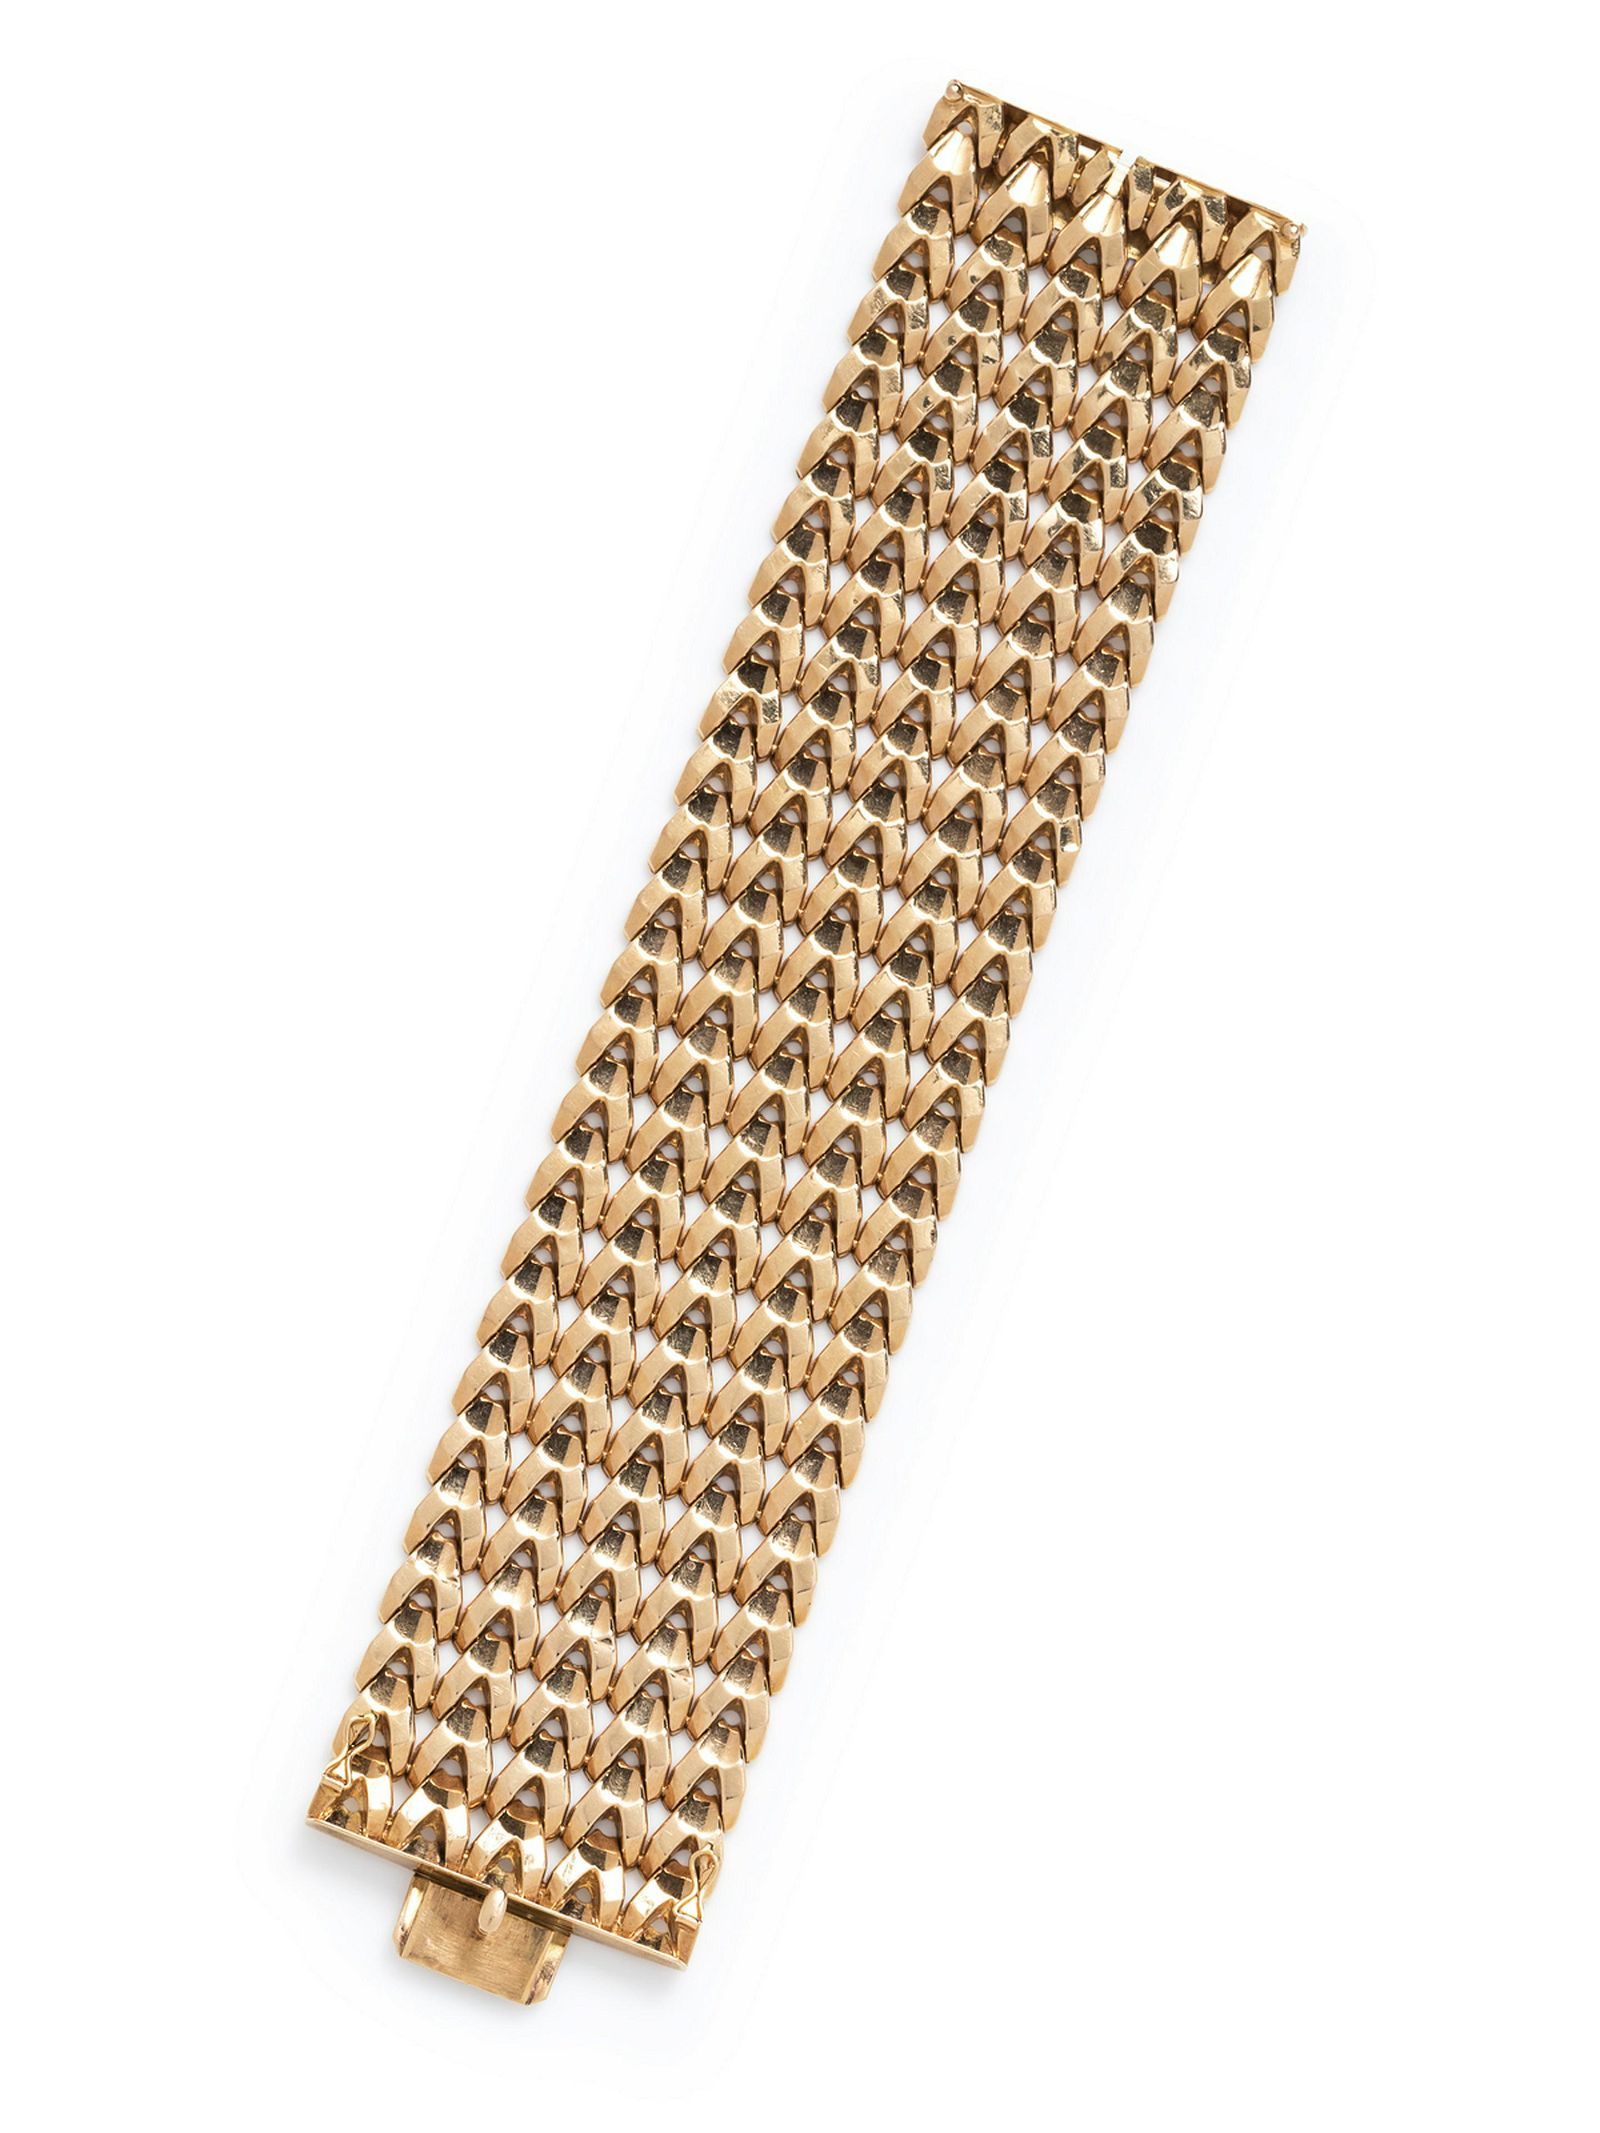 A Vintage 18 Karat Yellow Gold Bracelet, Italian,